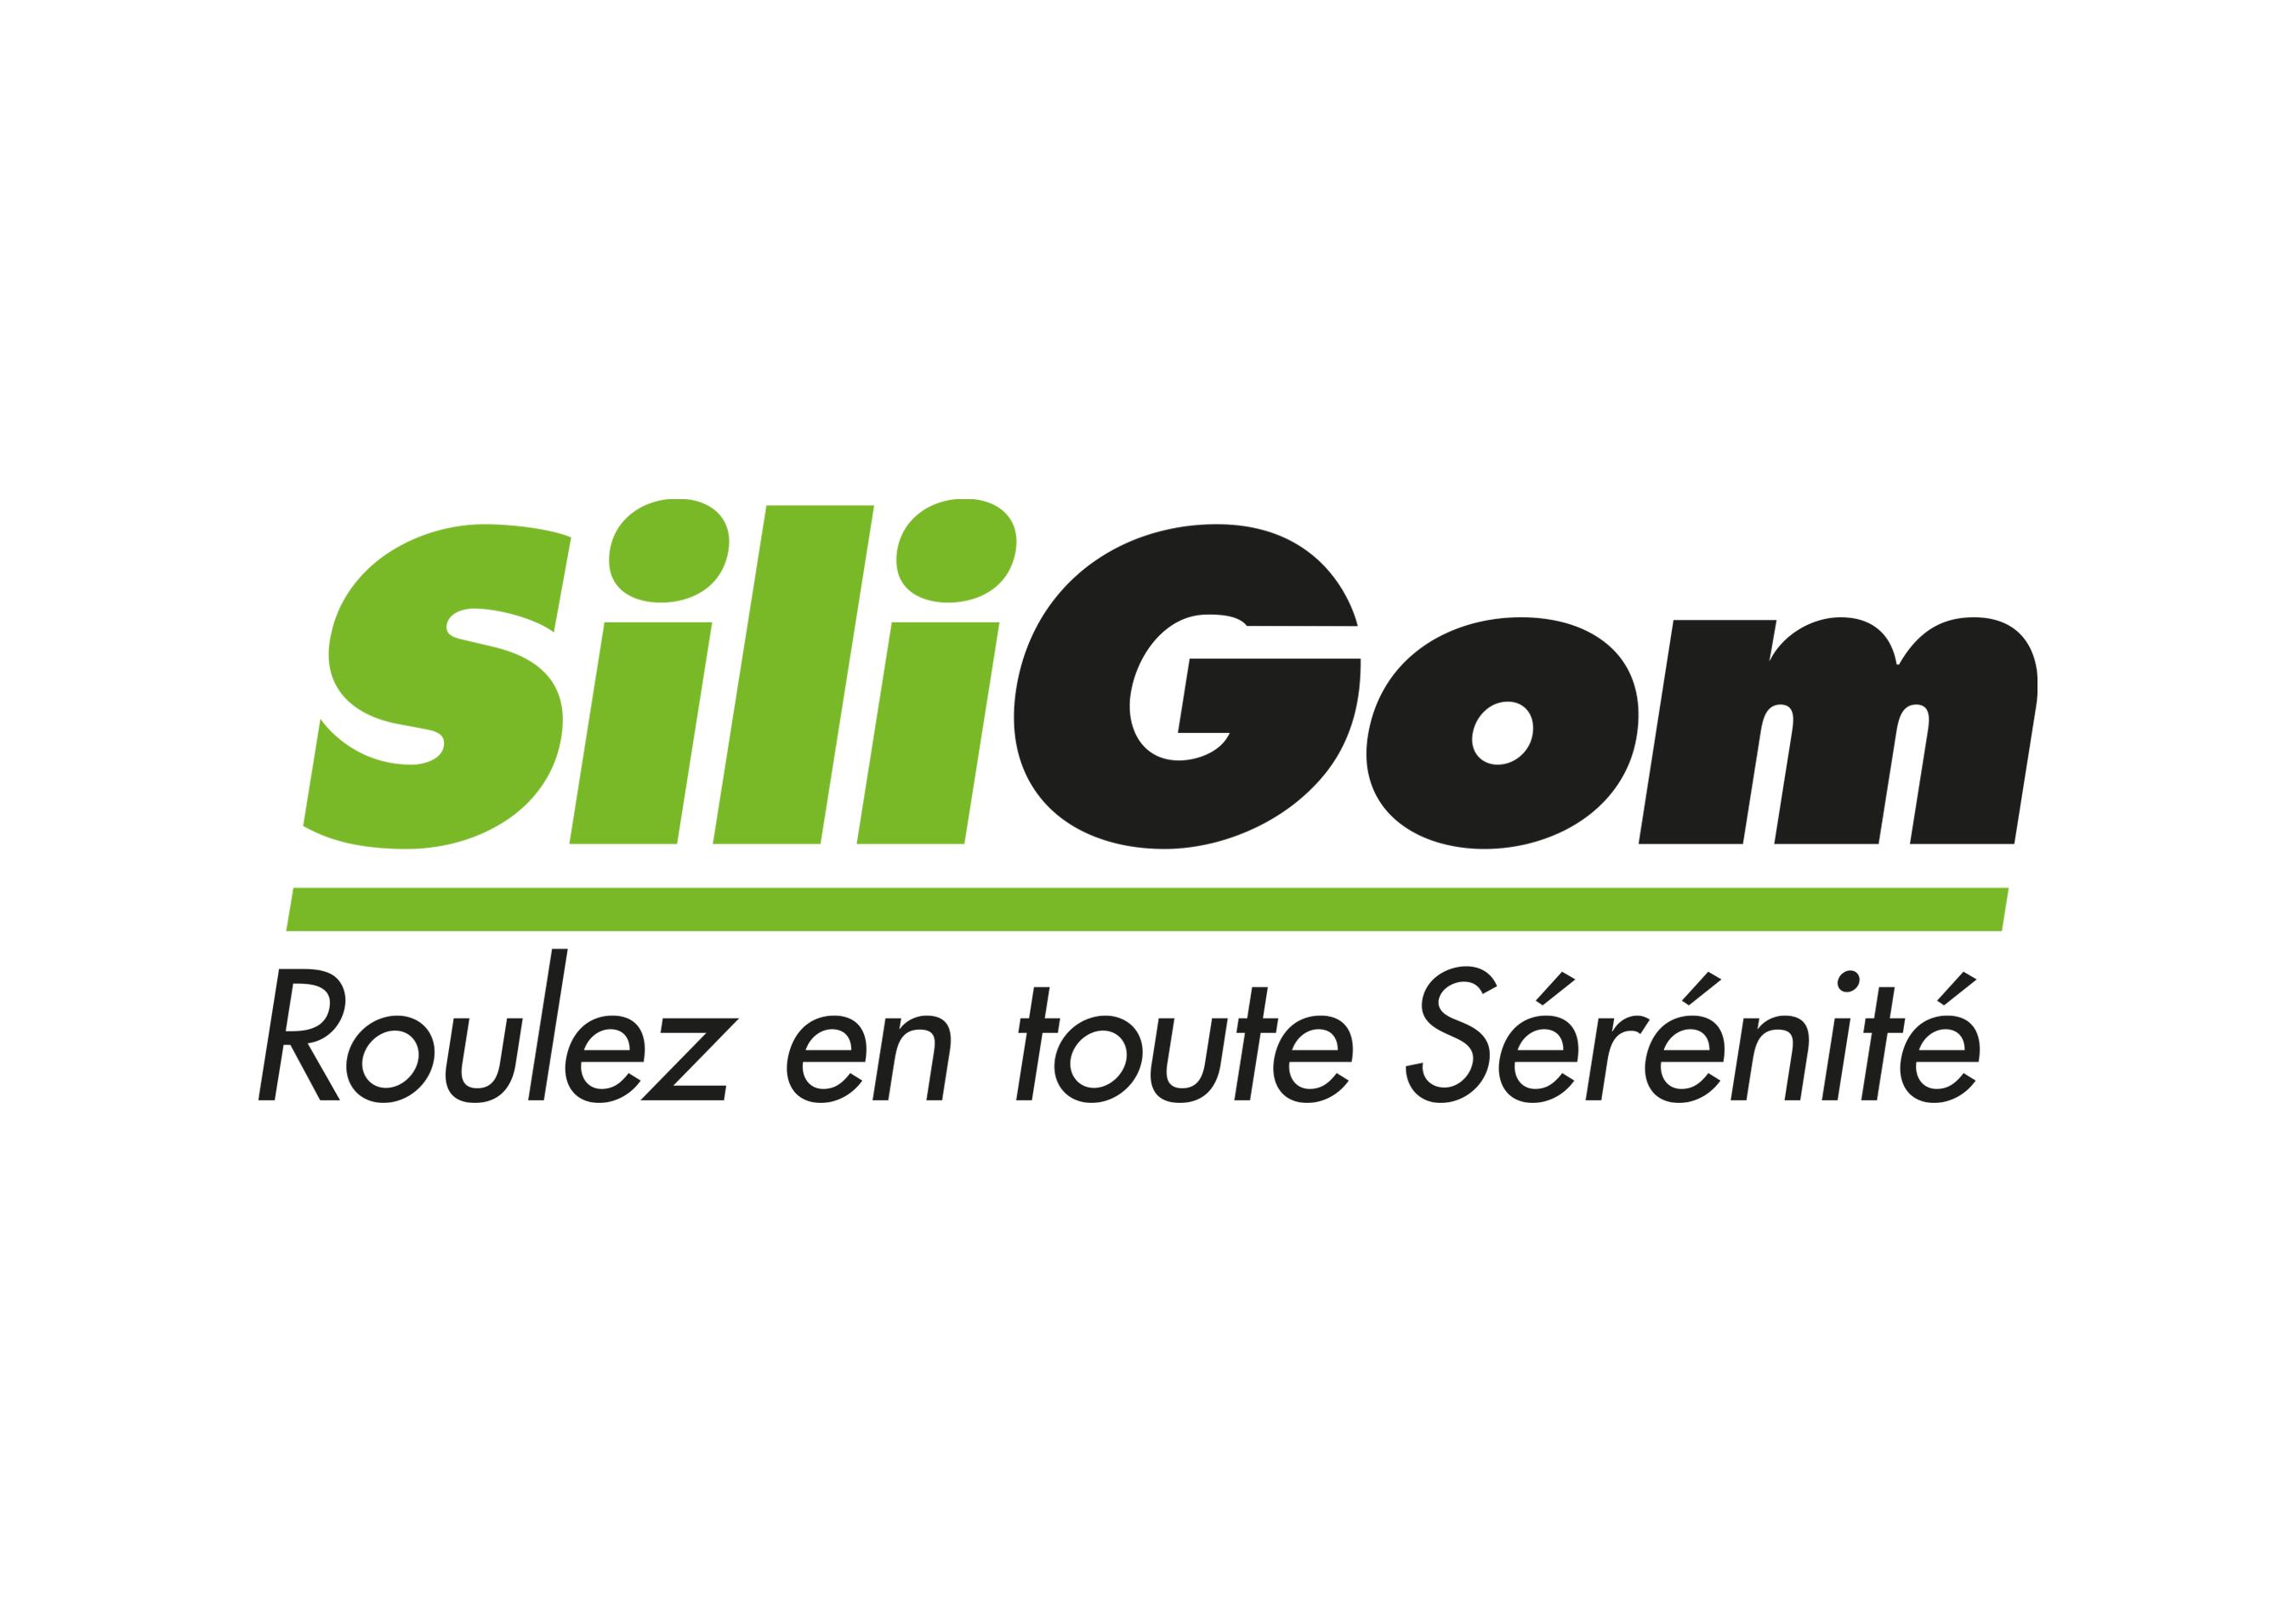 SILIGOM - COMPTOIR DU FREIN fabrication d'équipement et de pièces pour automobile, véhicule industriel